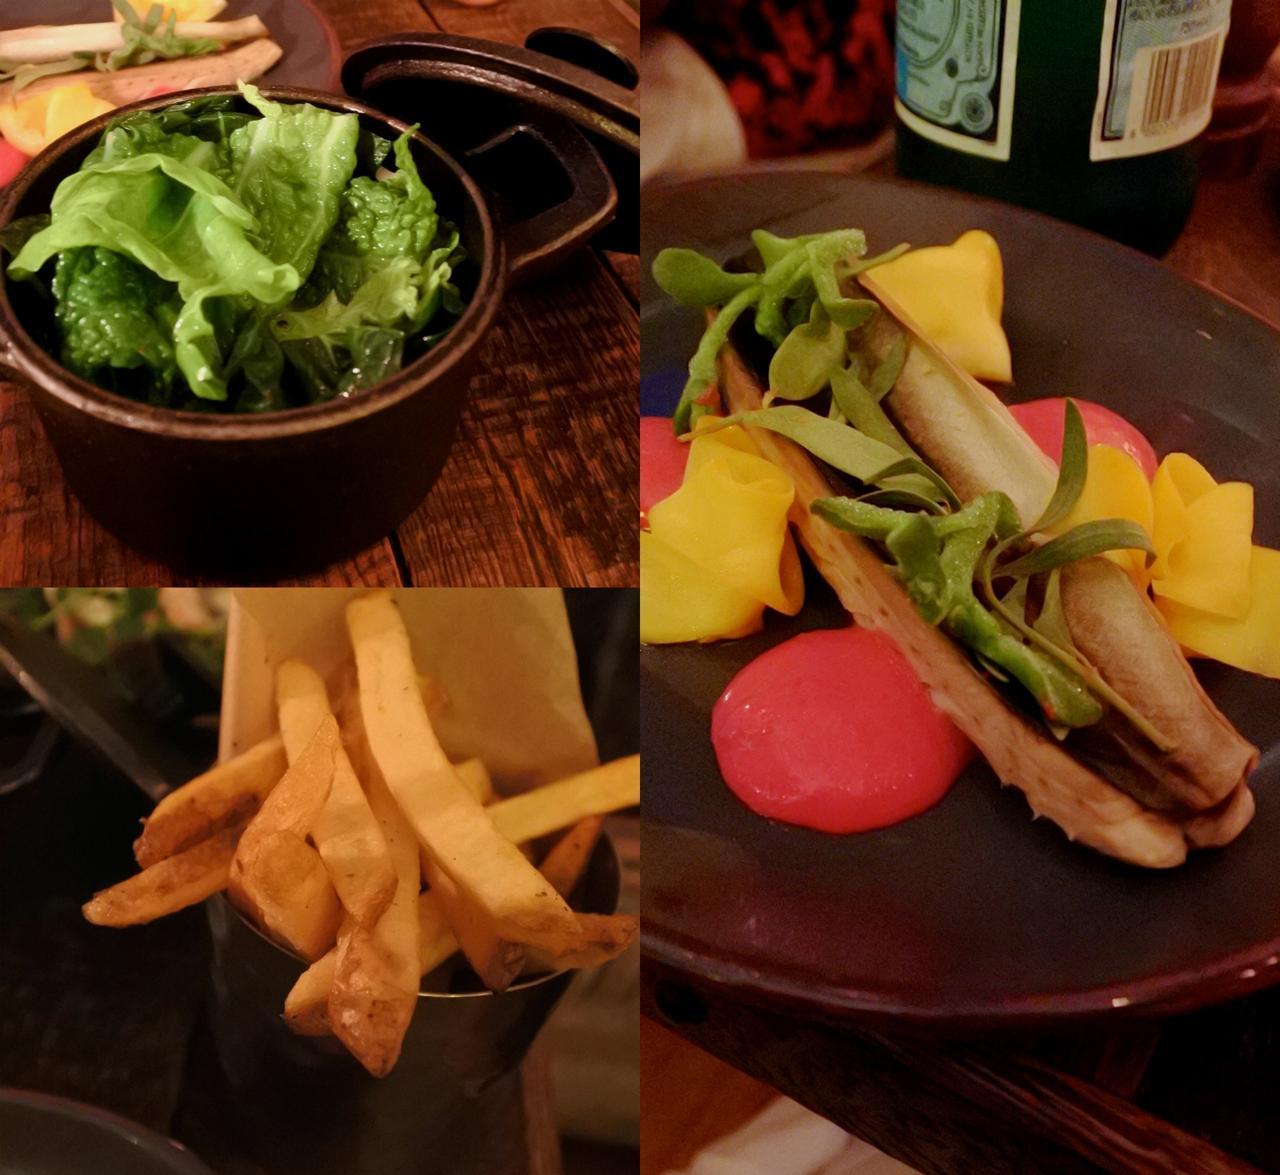 右はサバ、ビートルート・クリーム。美味しいのですが、サバの焼き方とかが日本人には?な感じなの ^^;  それとチップスが「トリプルクック」になってたので注文したのだけど、ふつーのチップスだったw